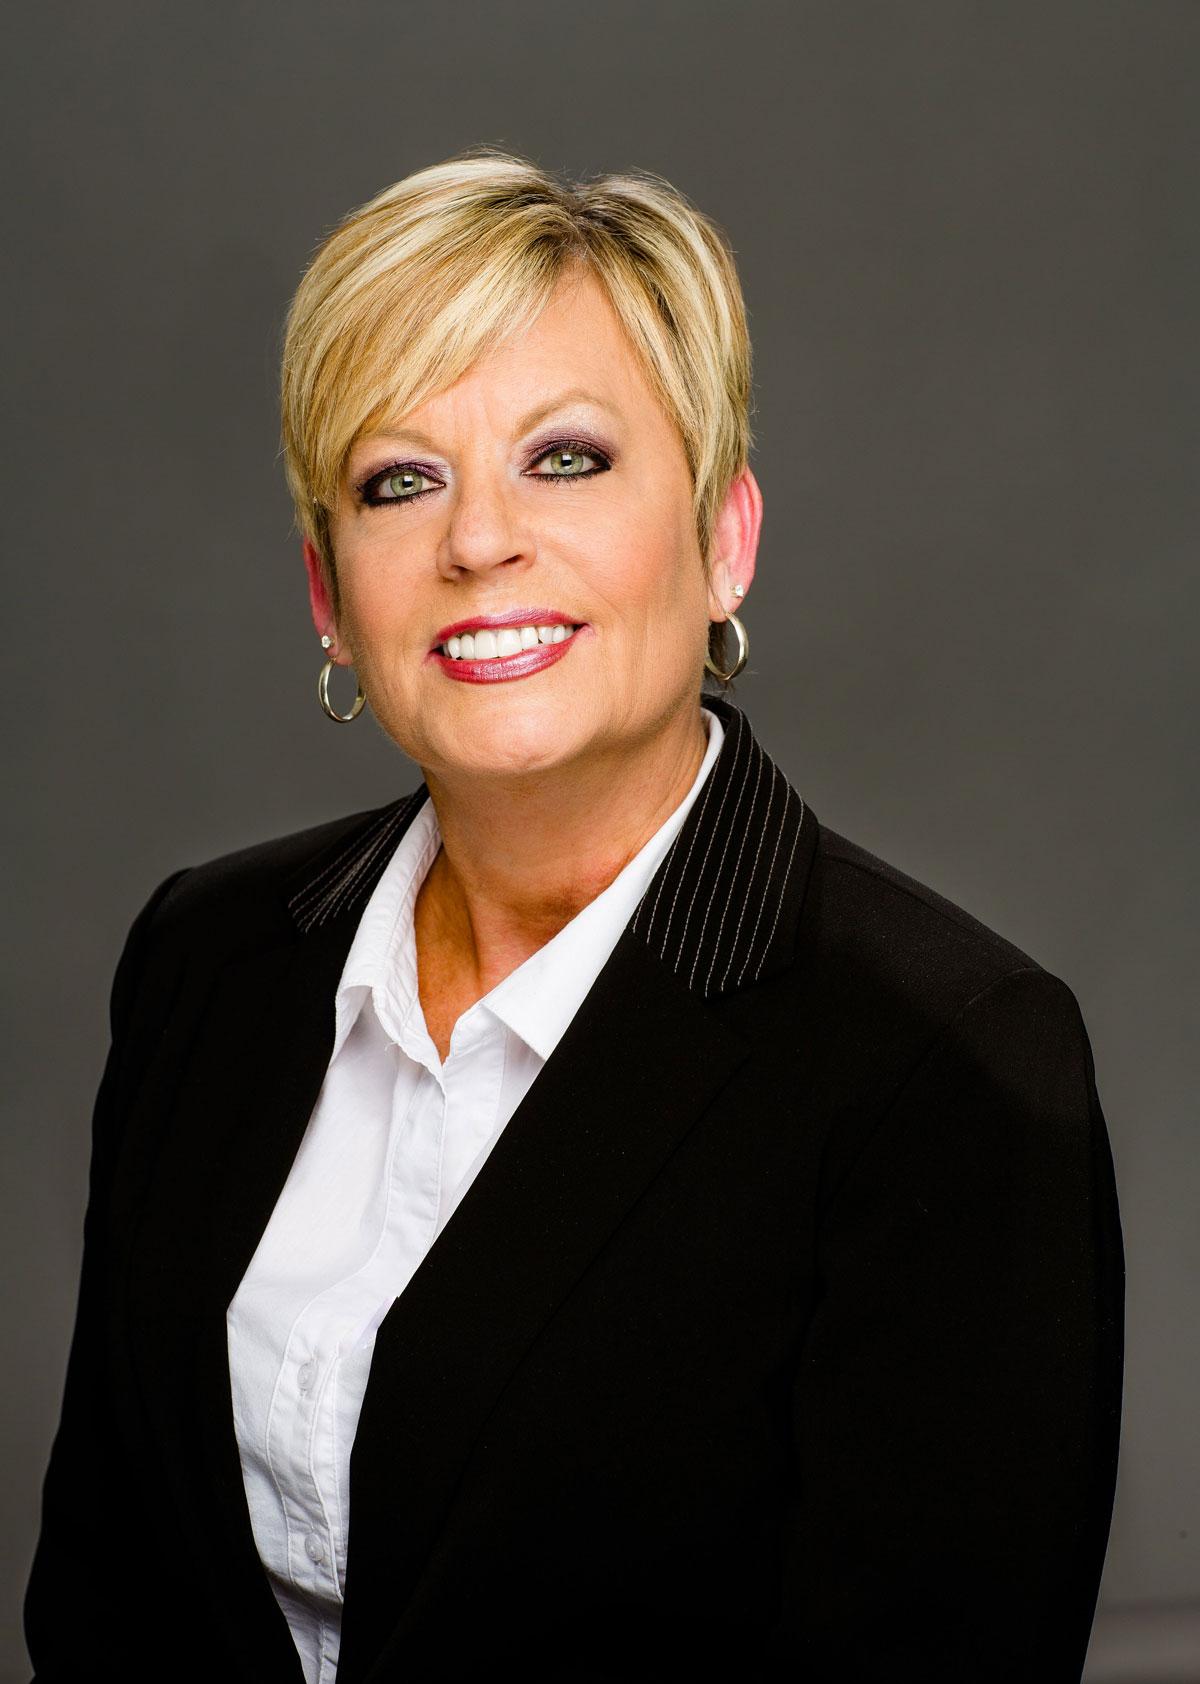 Marcie Woytus personal injury lawyer